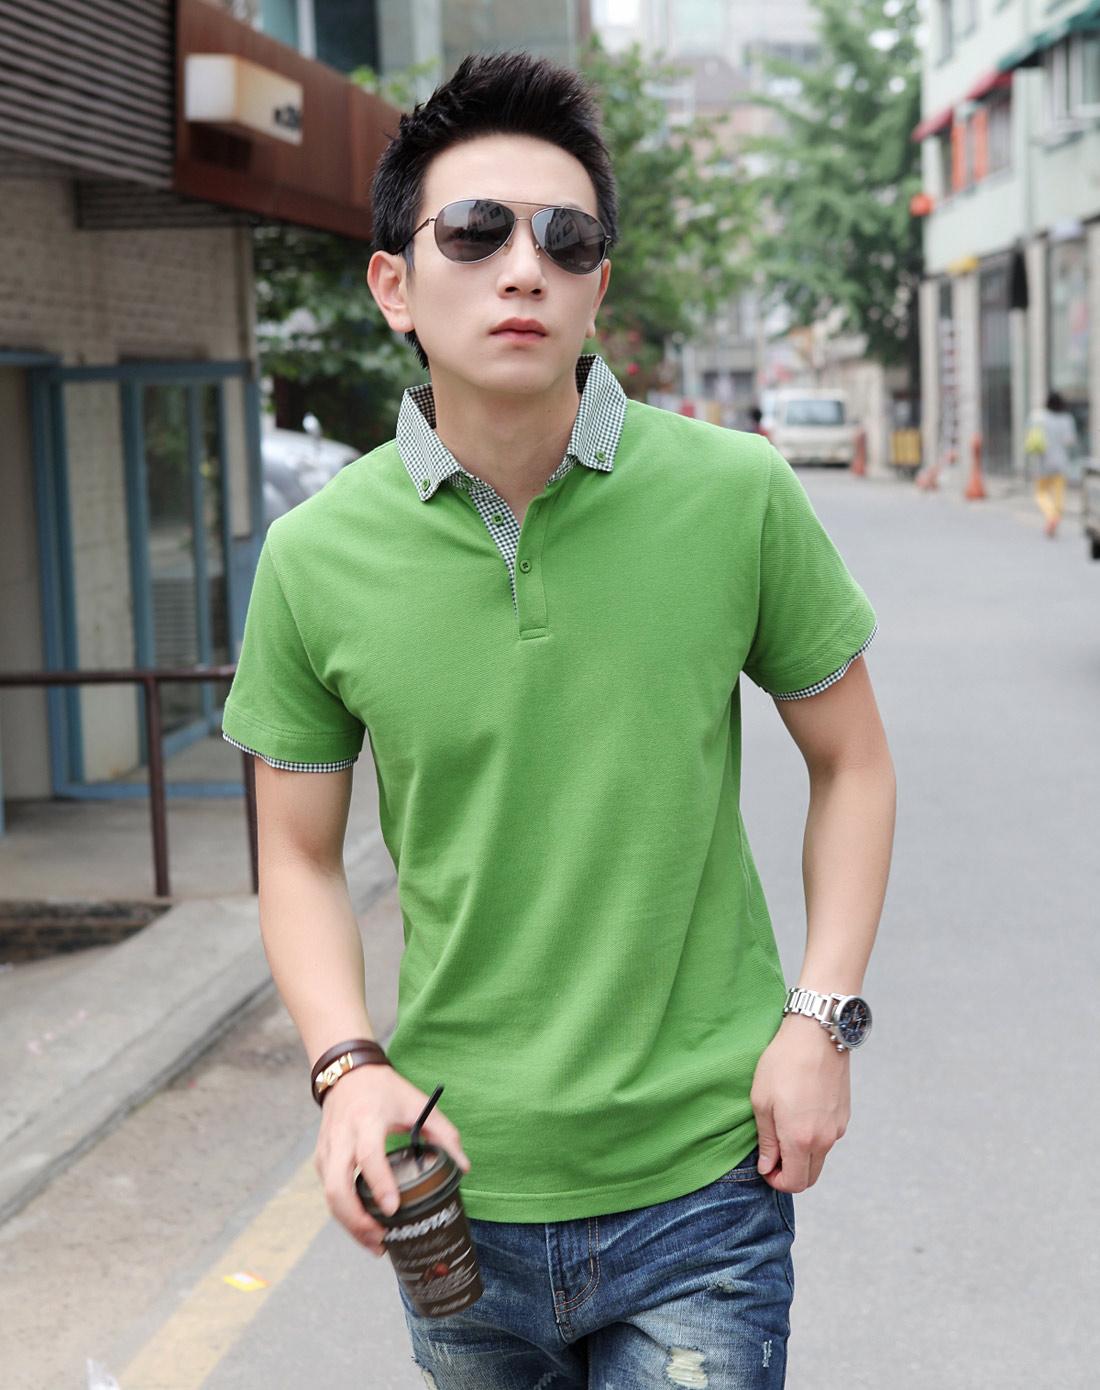 绿色衬衫如何搭配毛衣